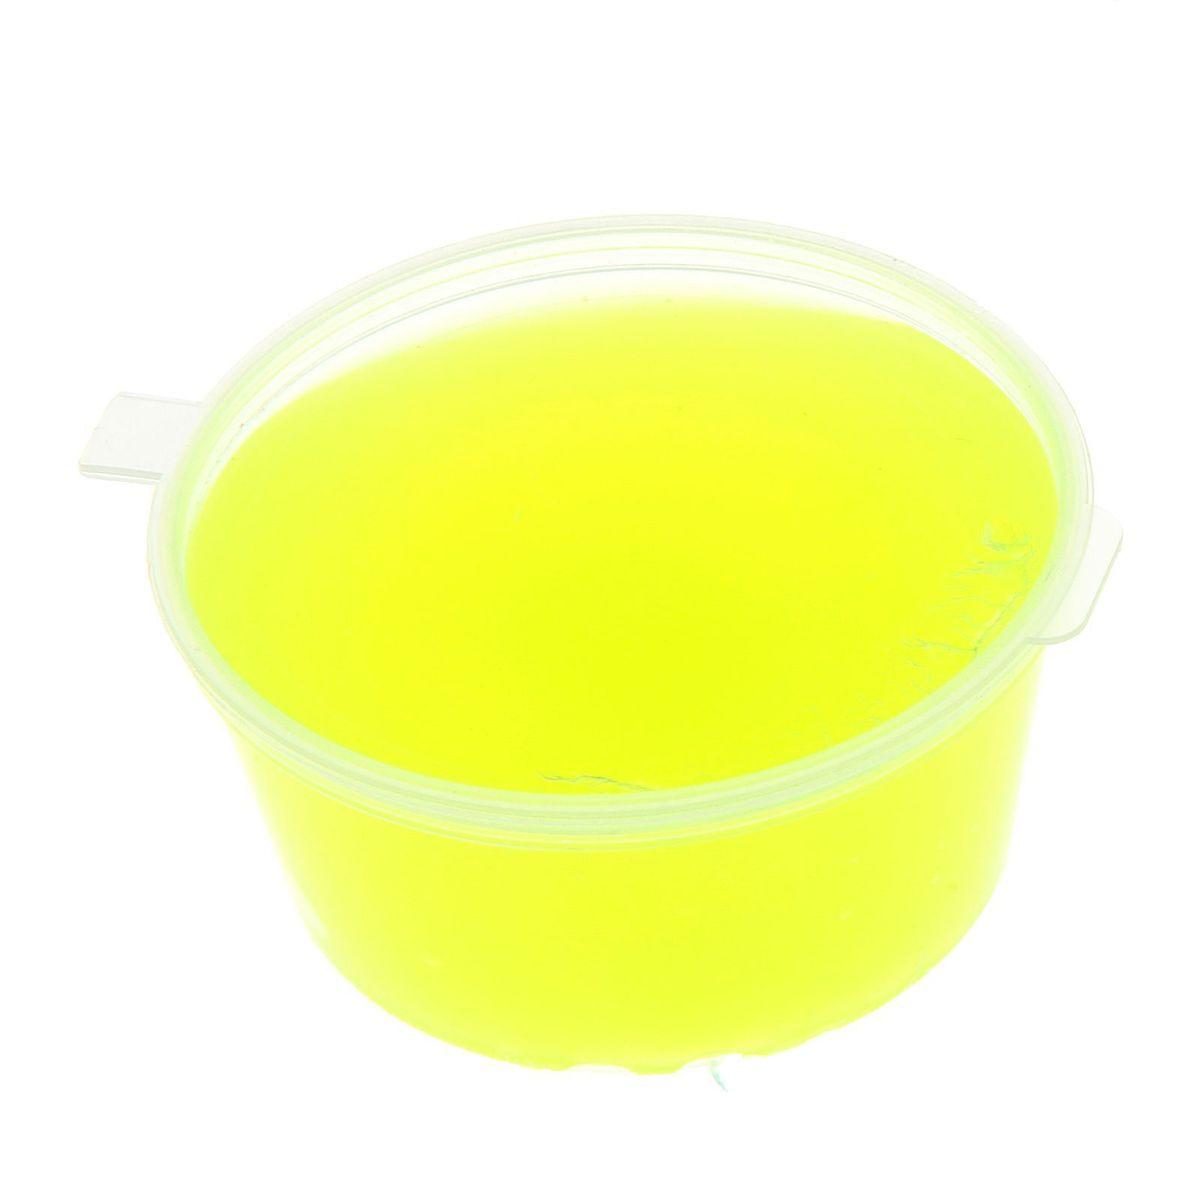 Краситель для геля, цвет: лимонный, 35 г. 12324461232446